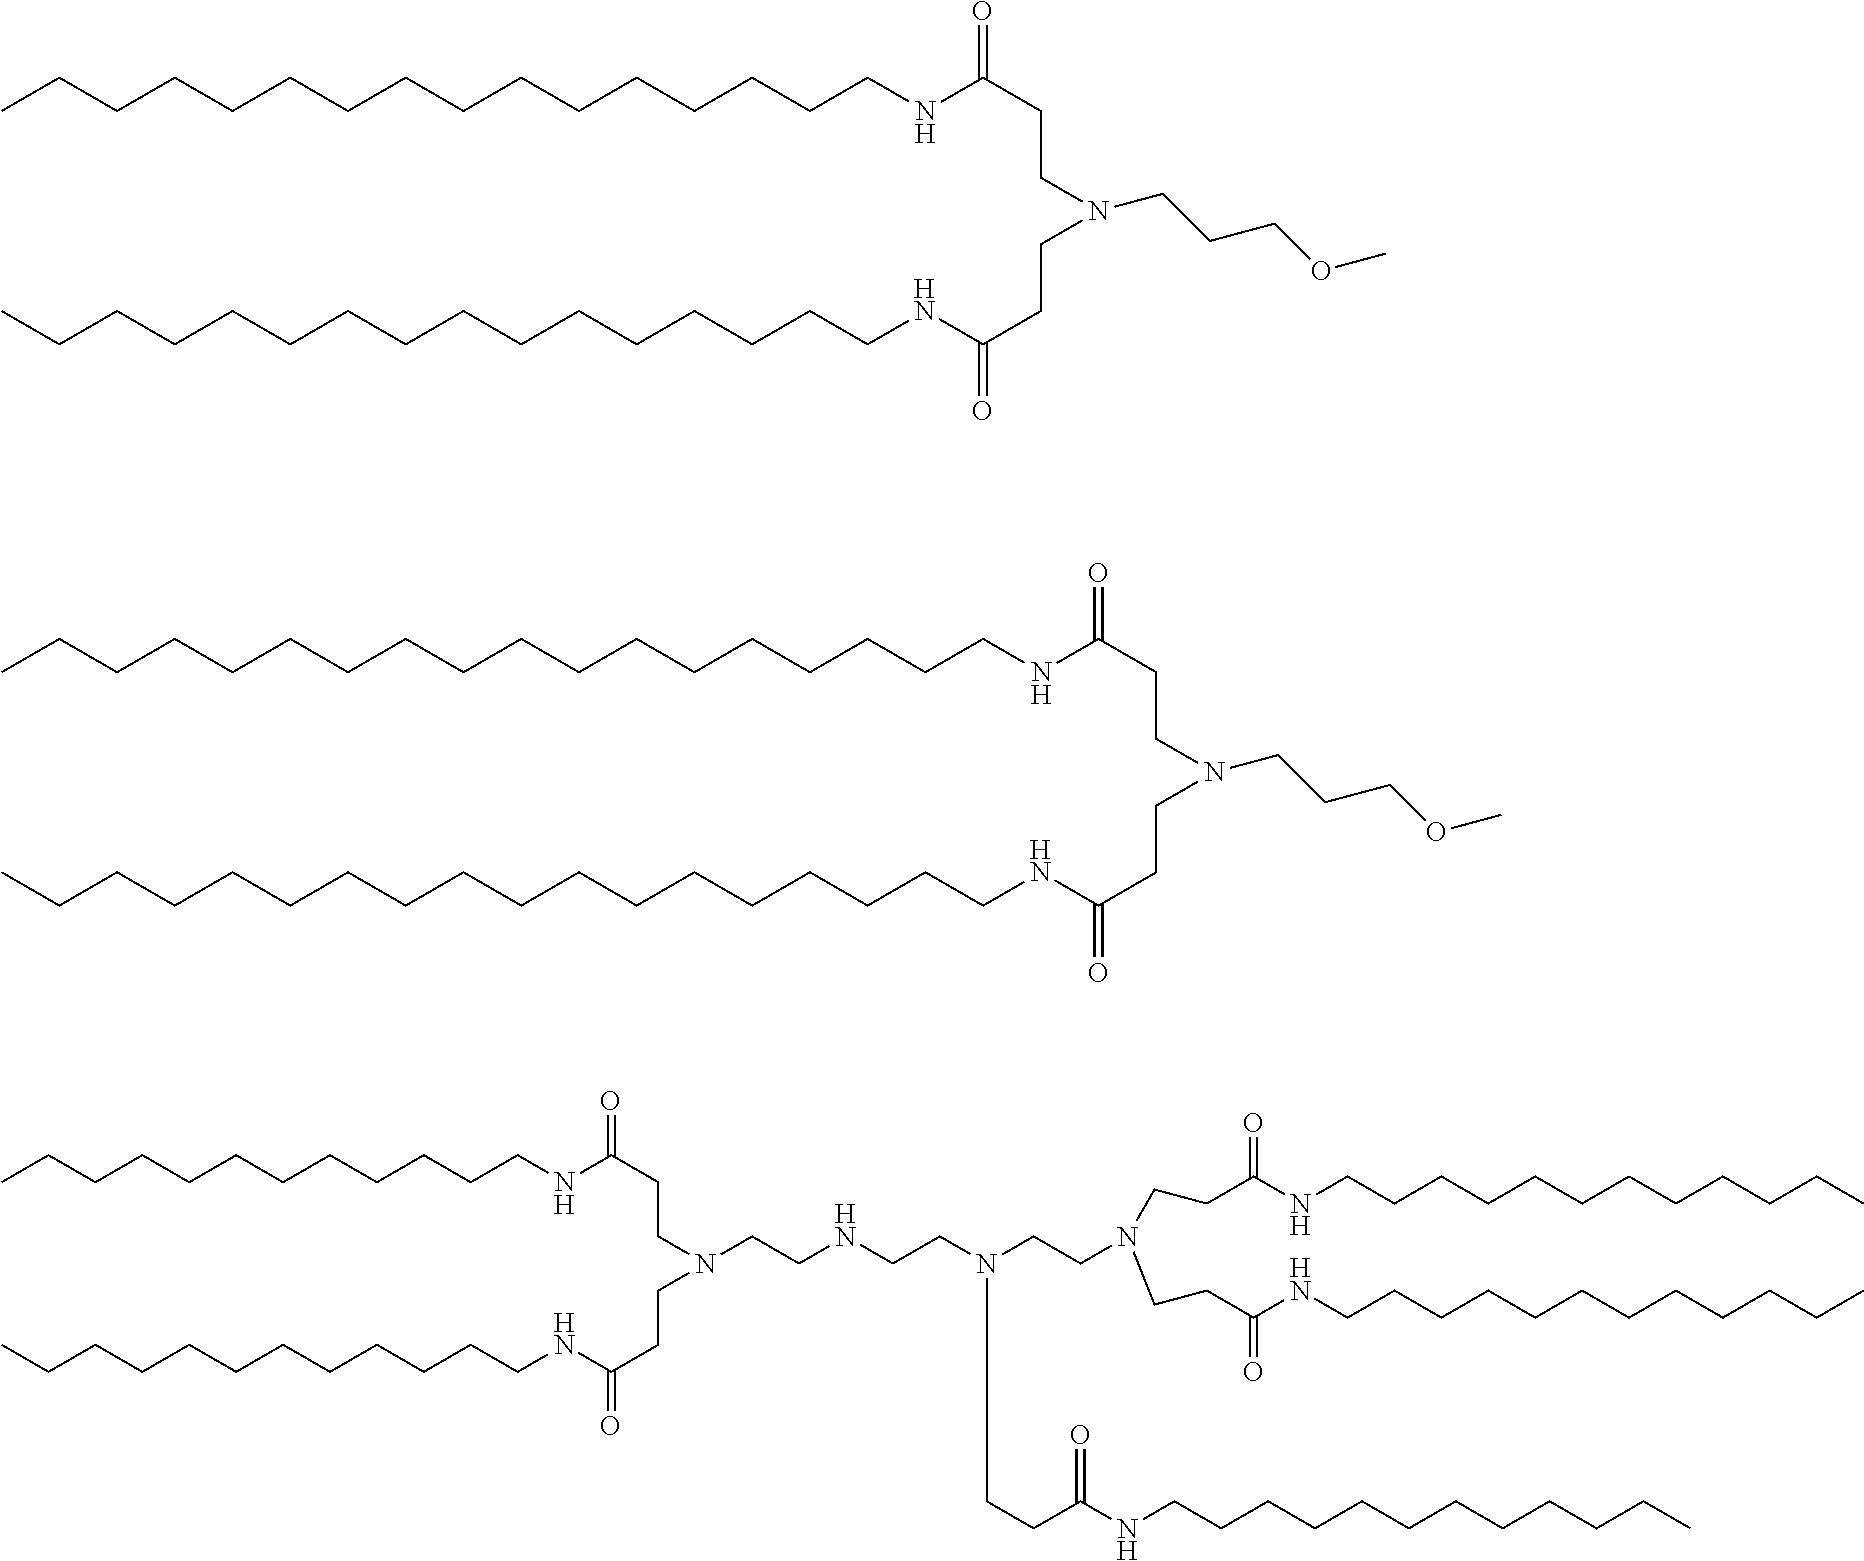 Figure US09695475-20170704-C00006